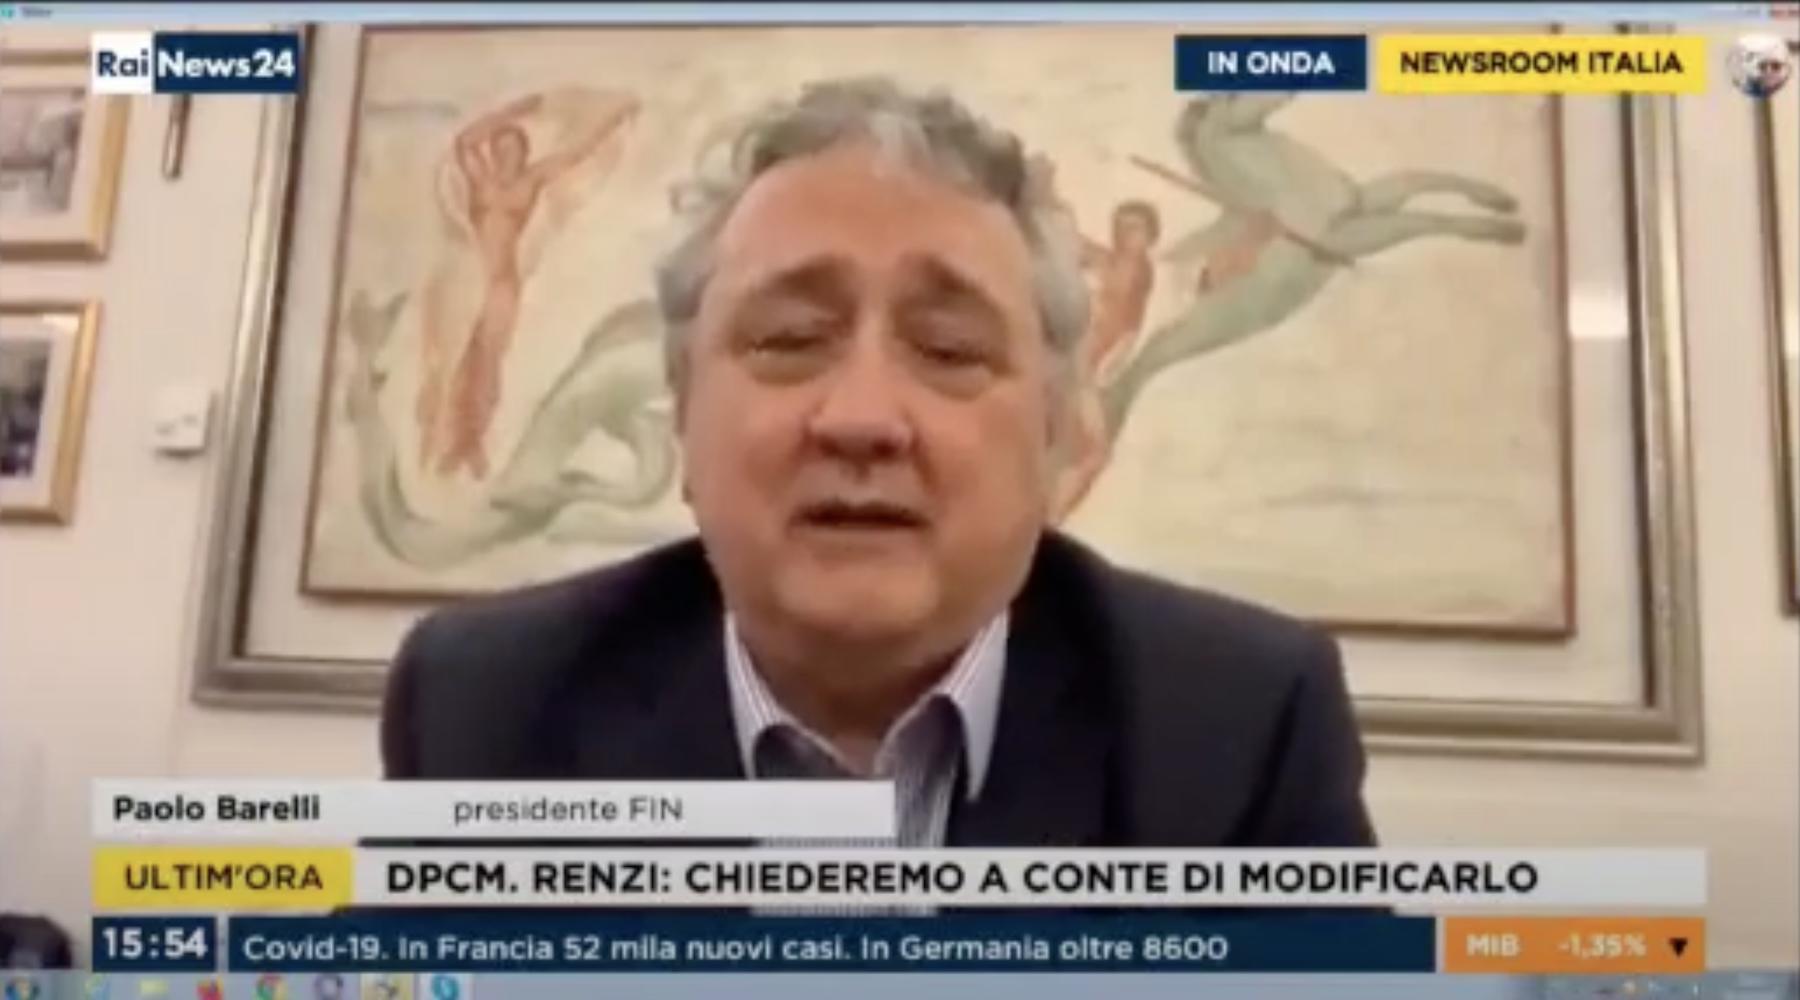 """Il Presidente FIN Barelli a RAI news 24. """"I giovani che non potranno fare sport, saranno per strada ammassandosi"""""""